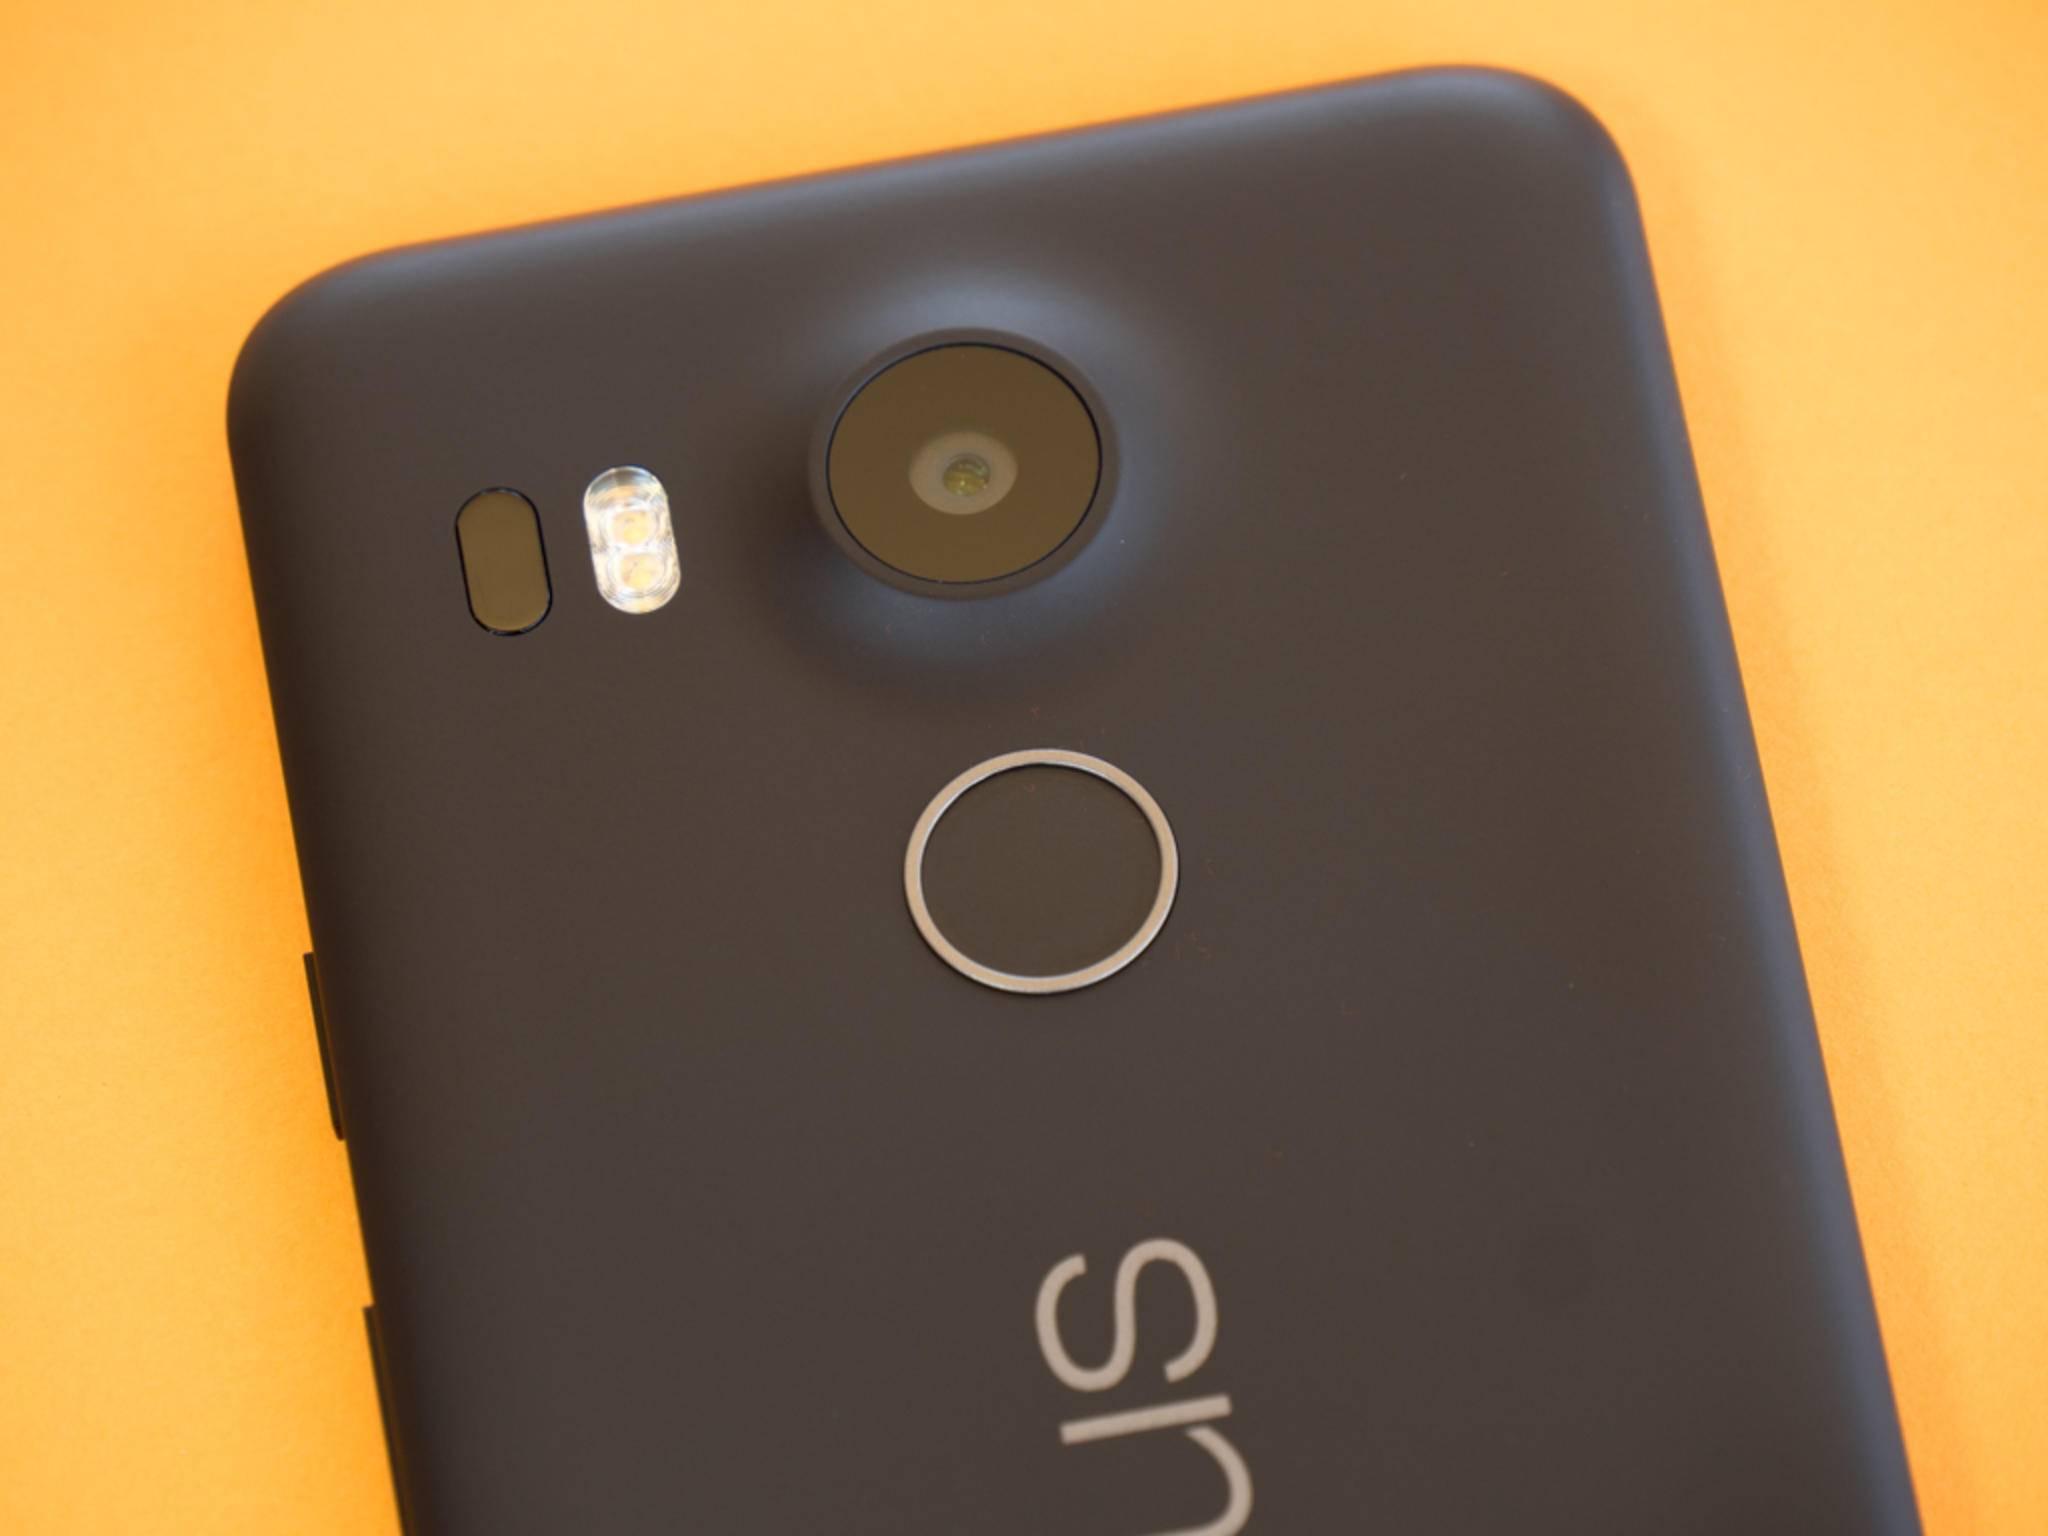 Der Fingerabdrucksensor entsperrt das Smartphone sehr schnell.